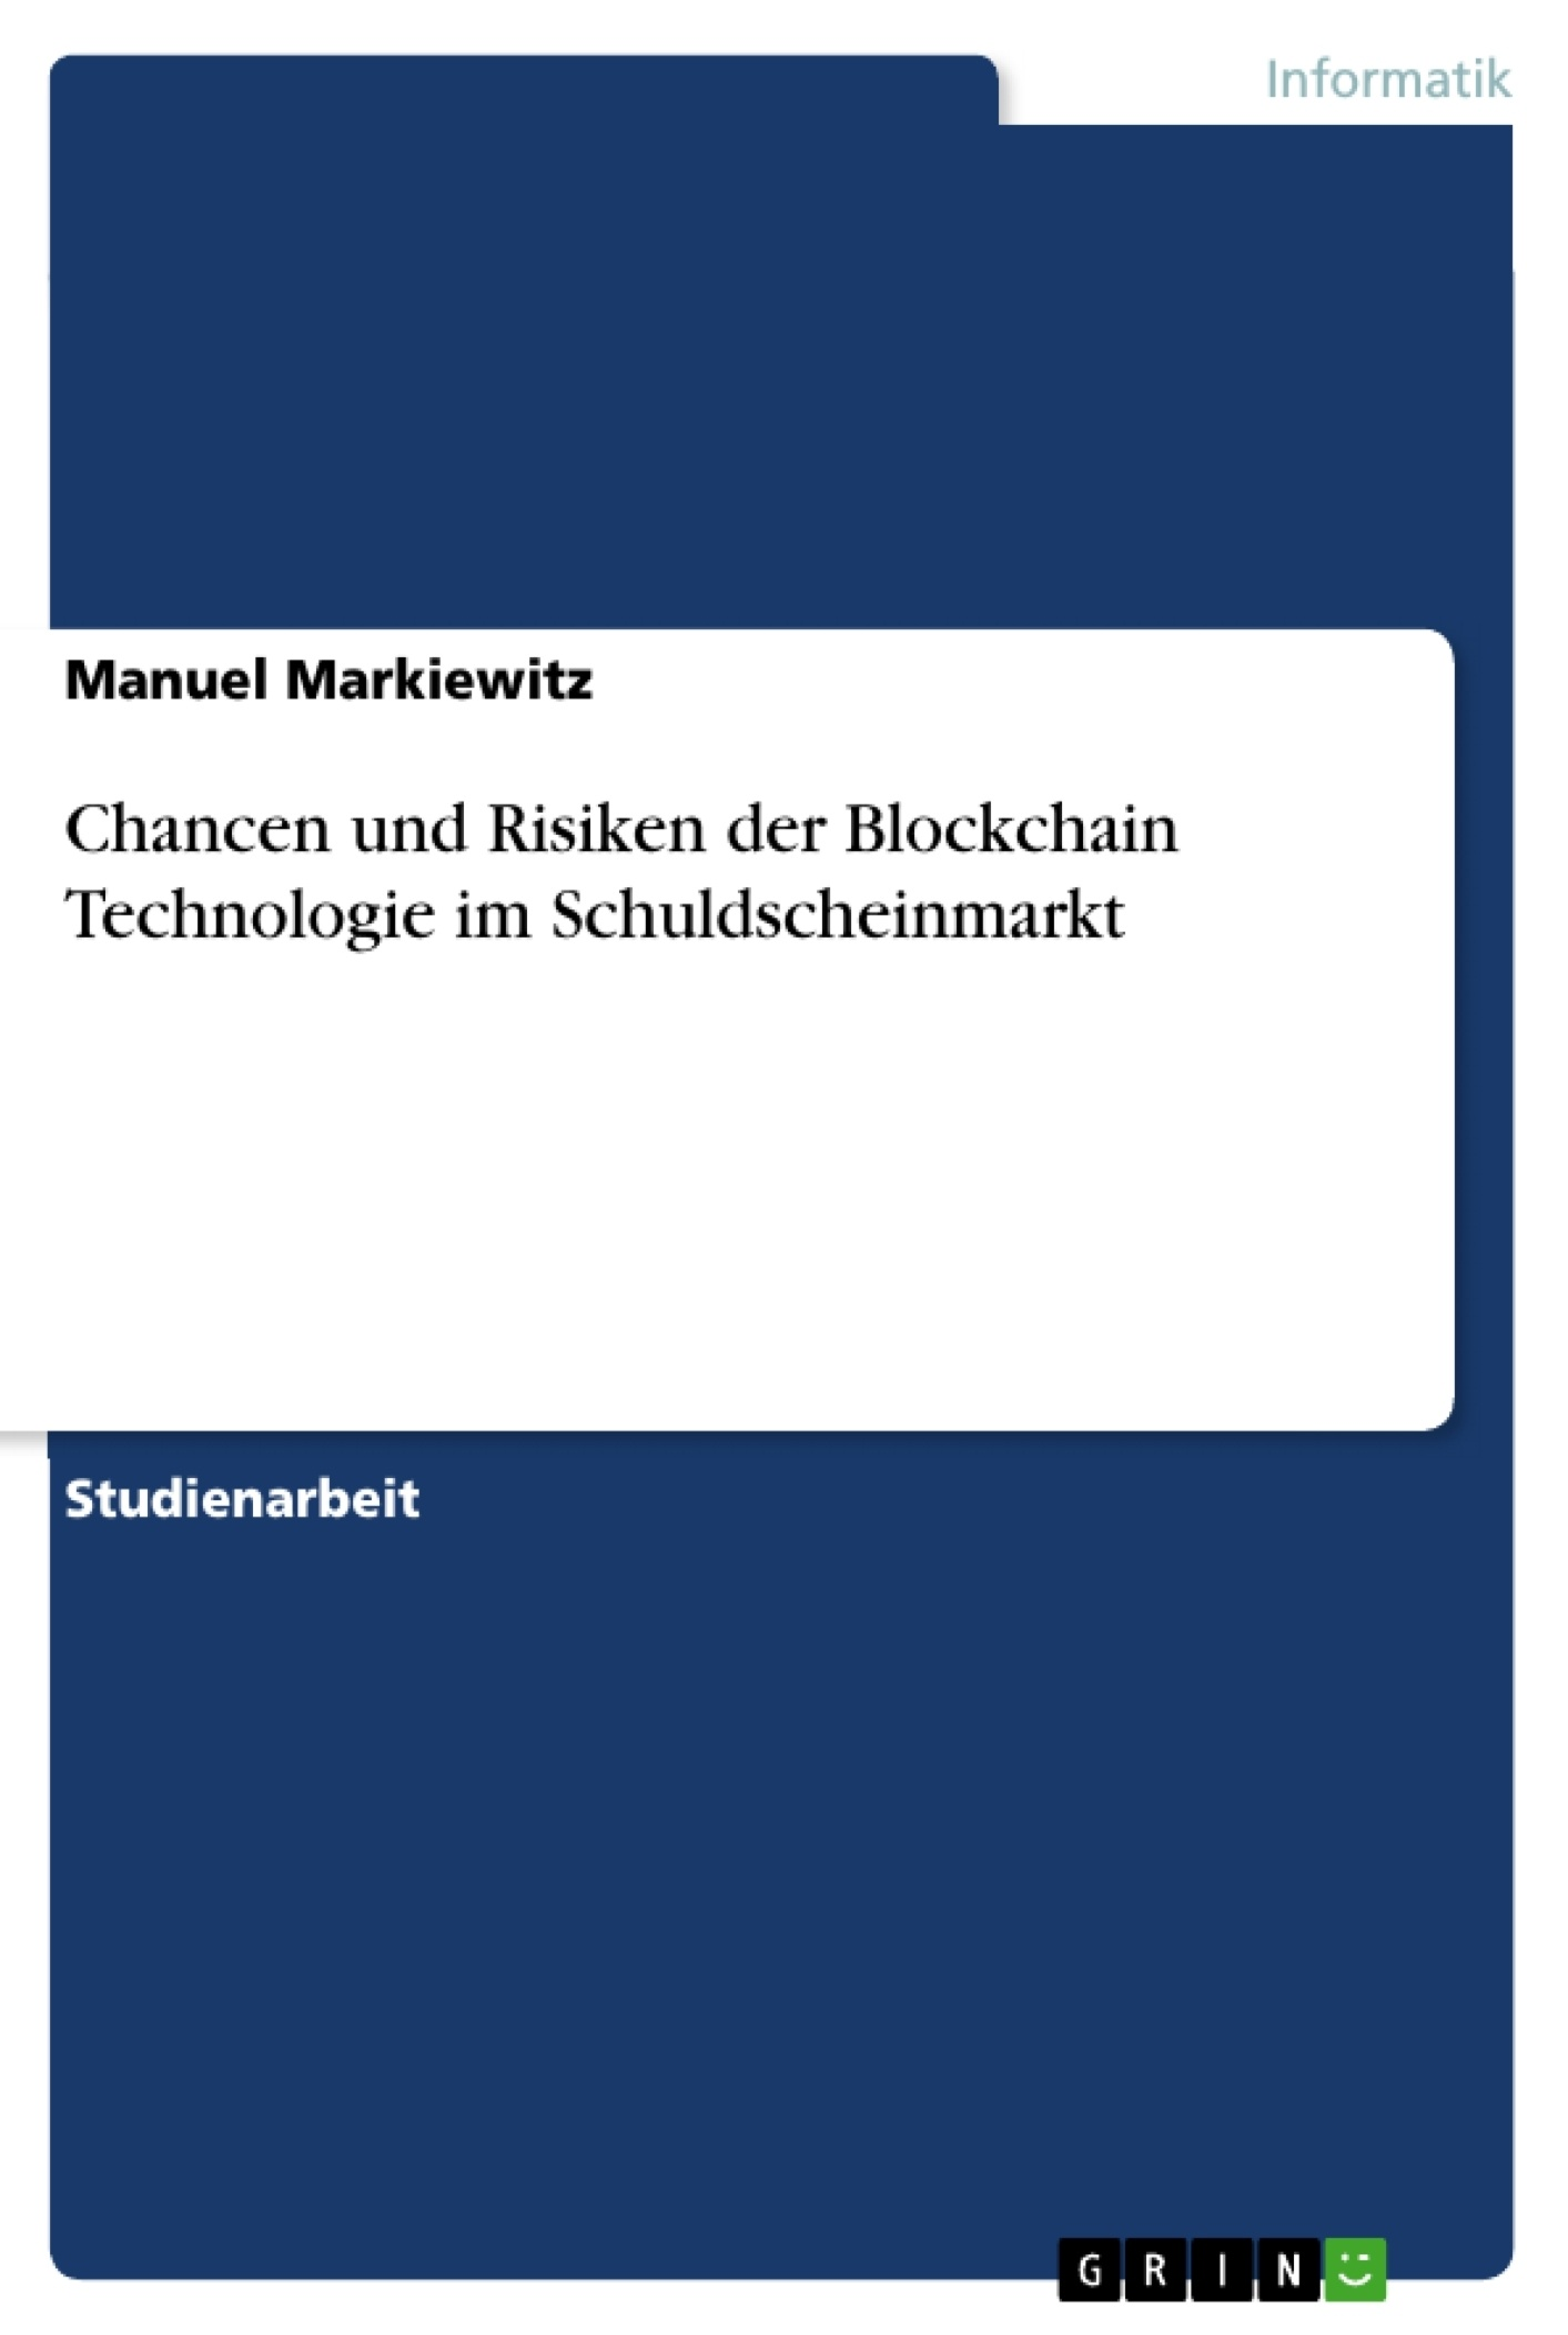 Titel: Chancen und Risiken der Blockchain Technologie im Schuldscheinmarkt